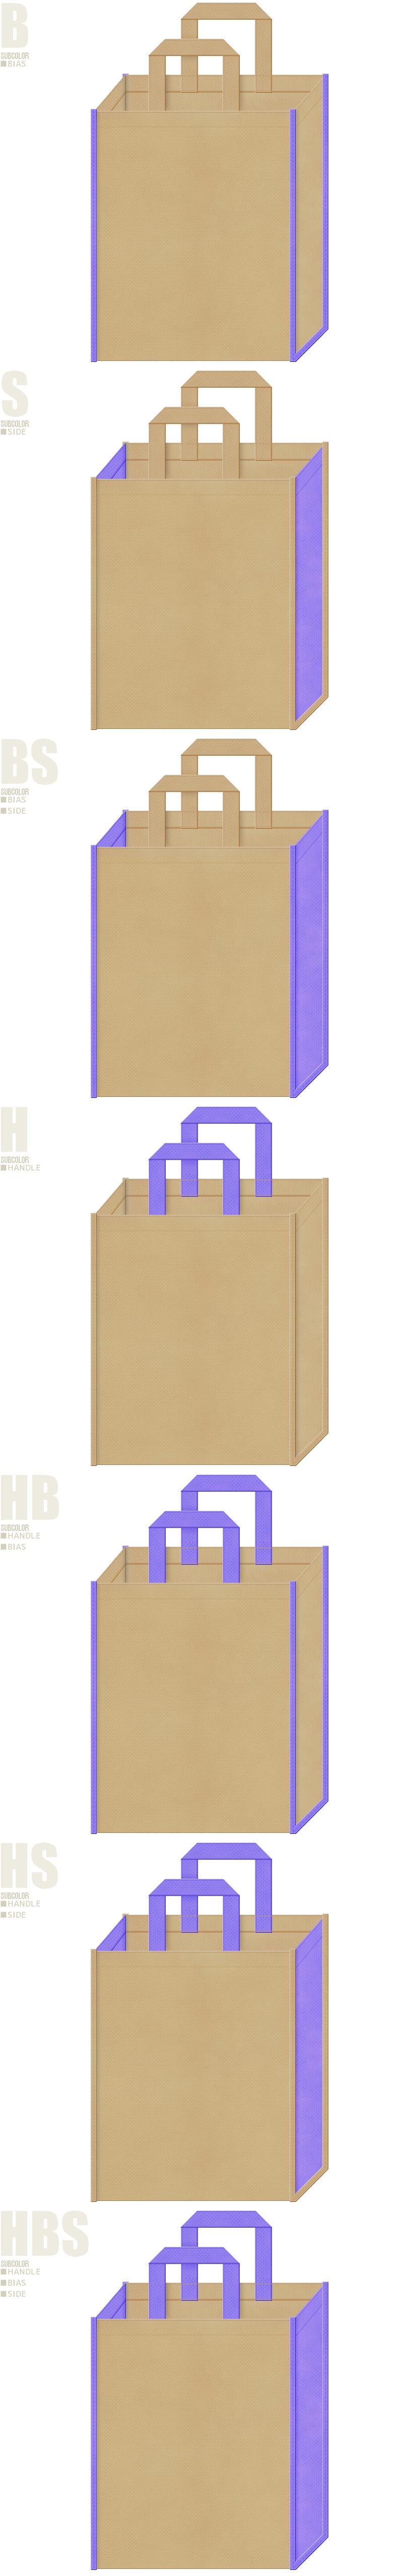 カーキ色と明るめの紫色、7パターンの不織布トートバッグ配色デザイン例。